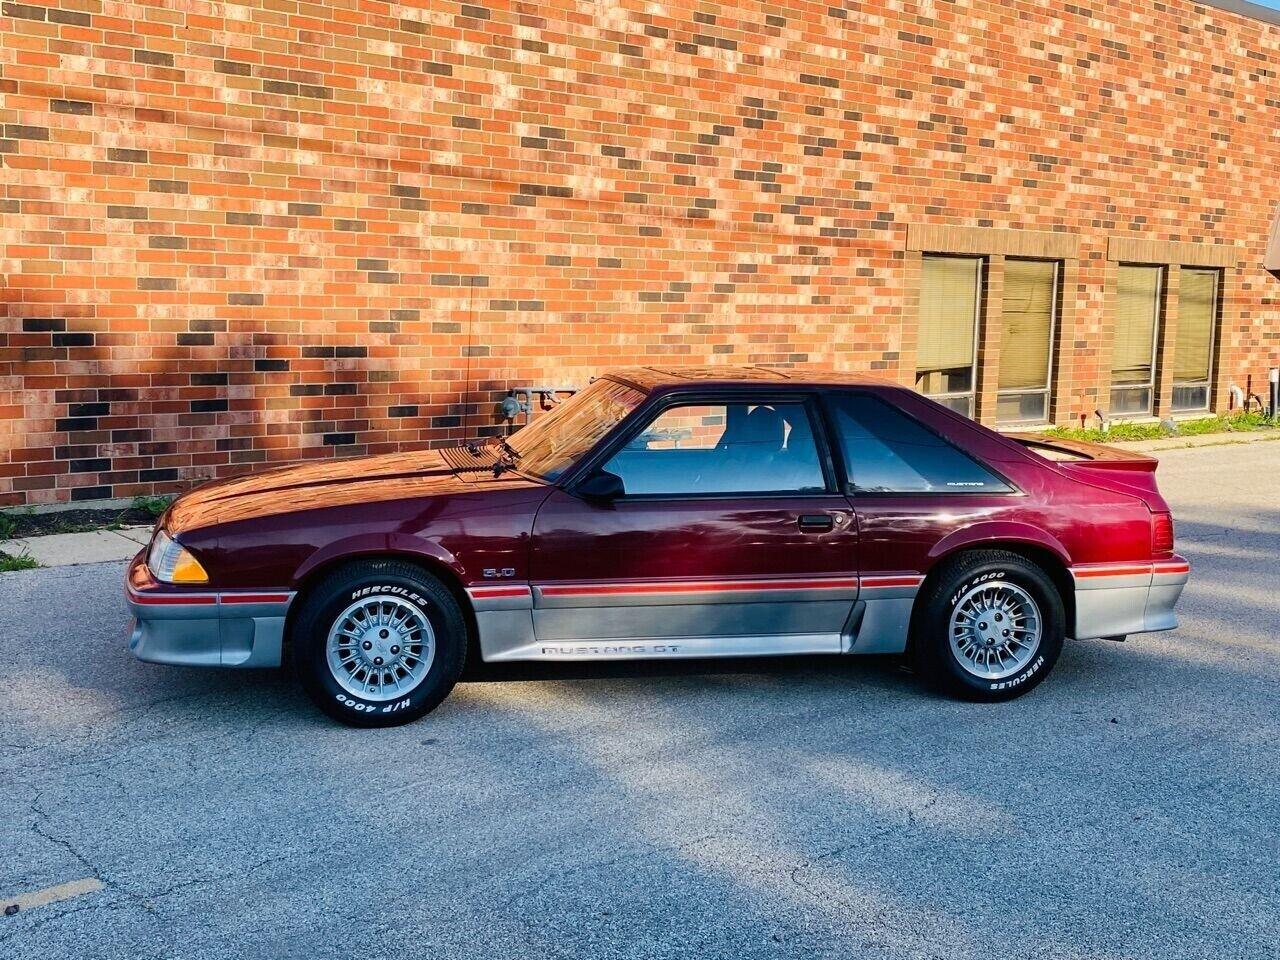 1989 Ford Mustang GT 2dr Hatchback | eBay